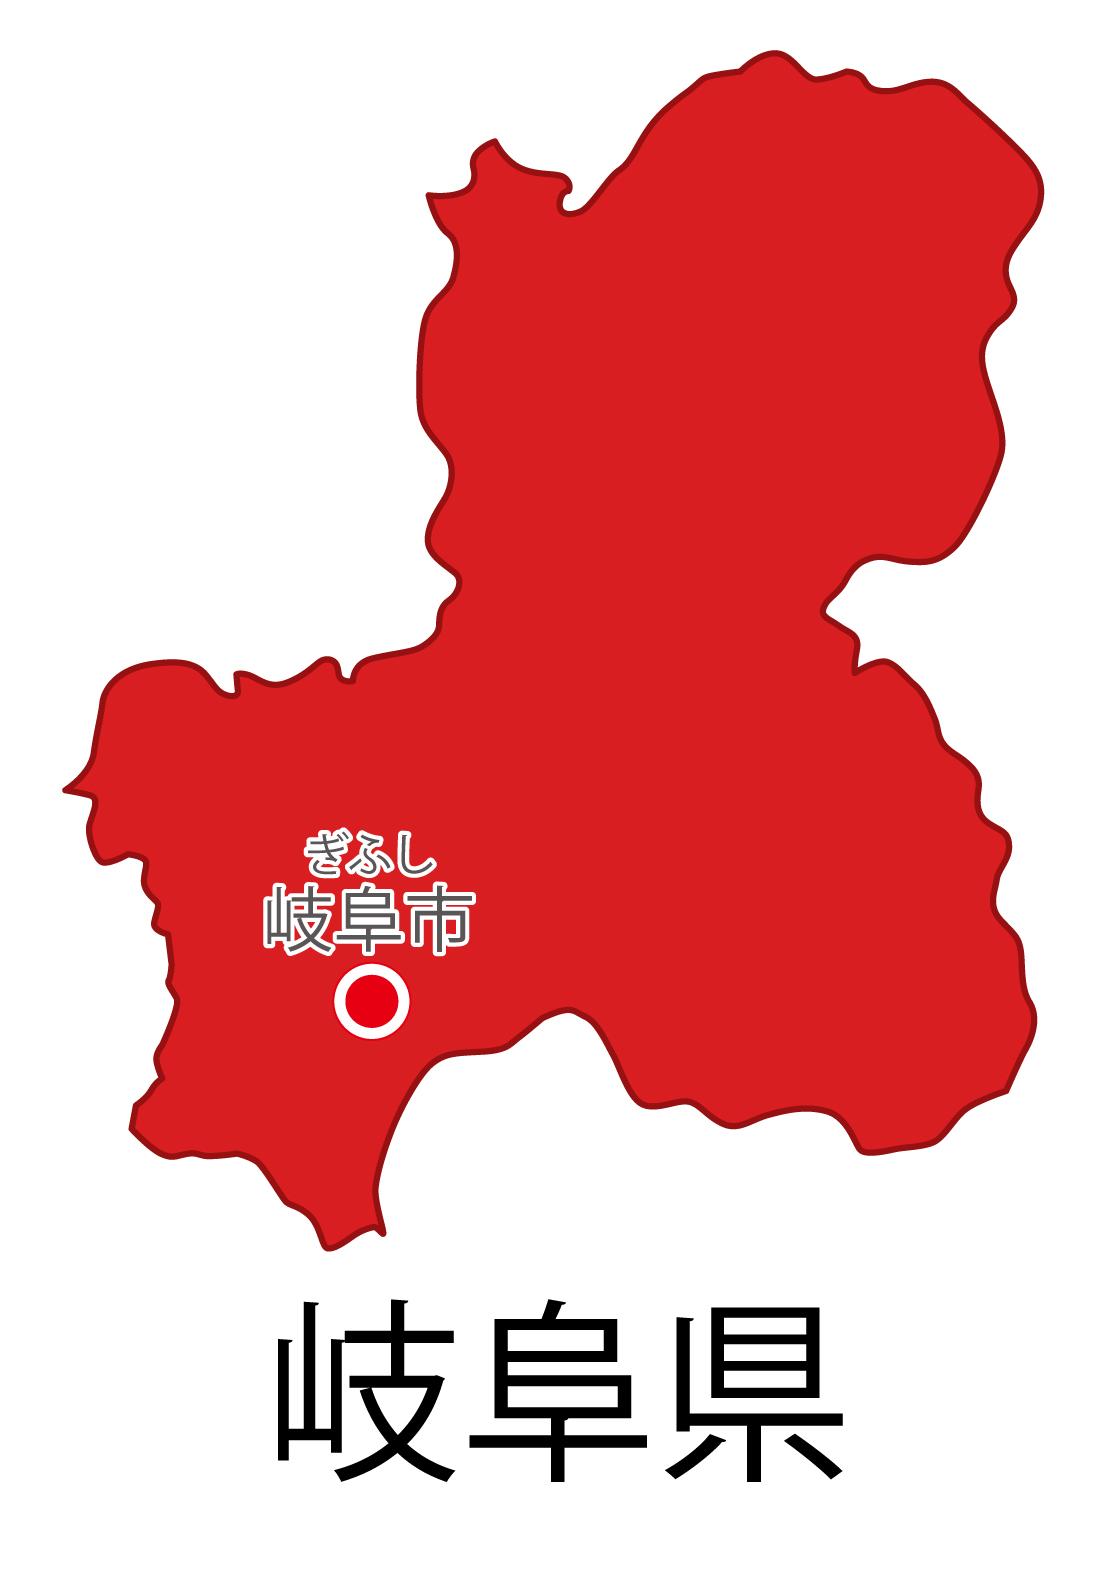 岐阜県無料フリーイラスト|日本語・都道府県名あり・県庁所在地あり・ルビあり(赤)